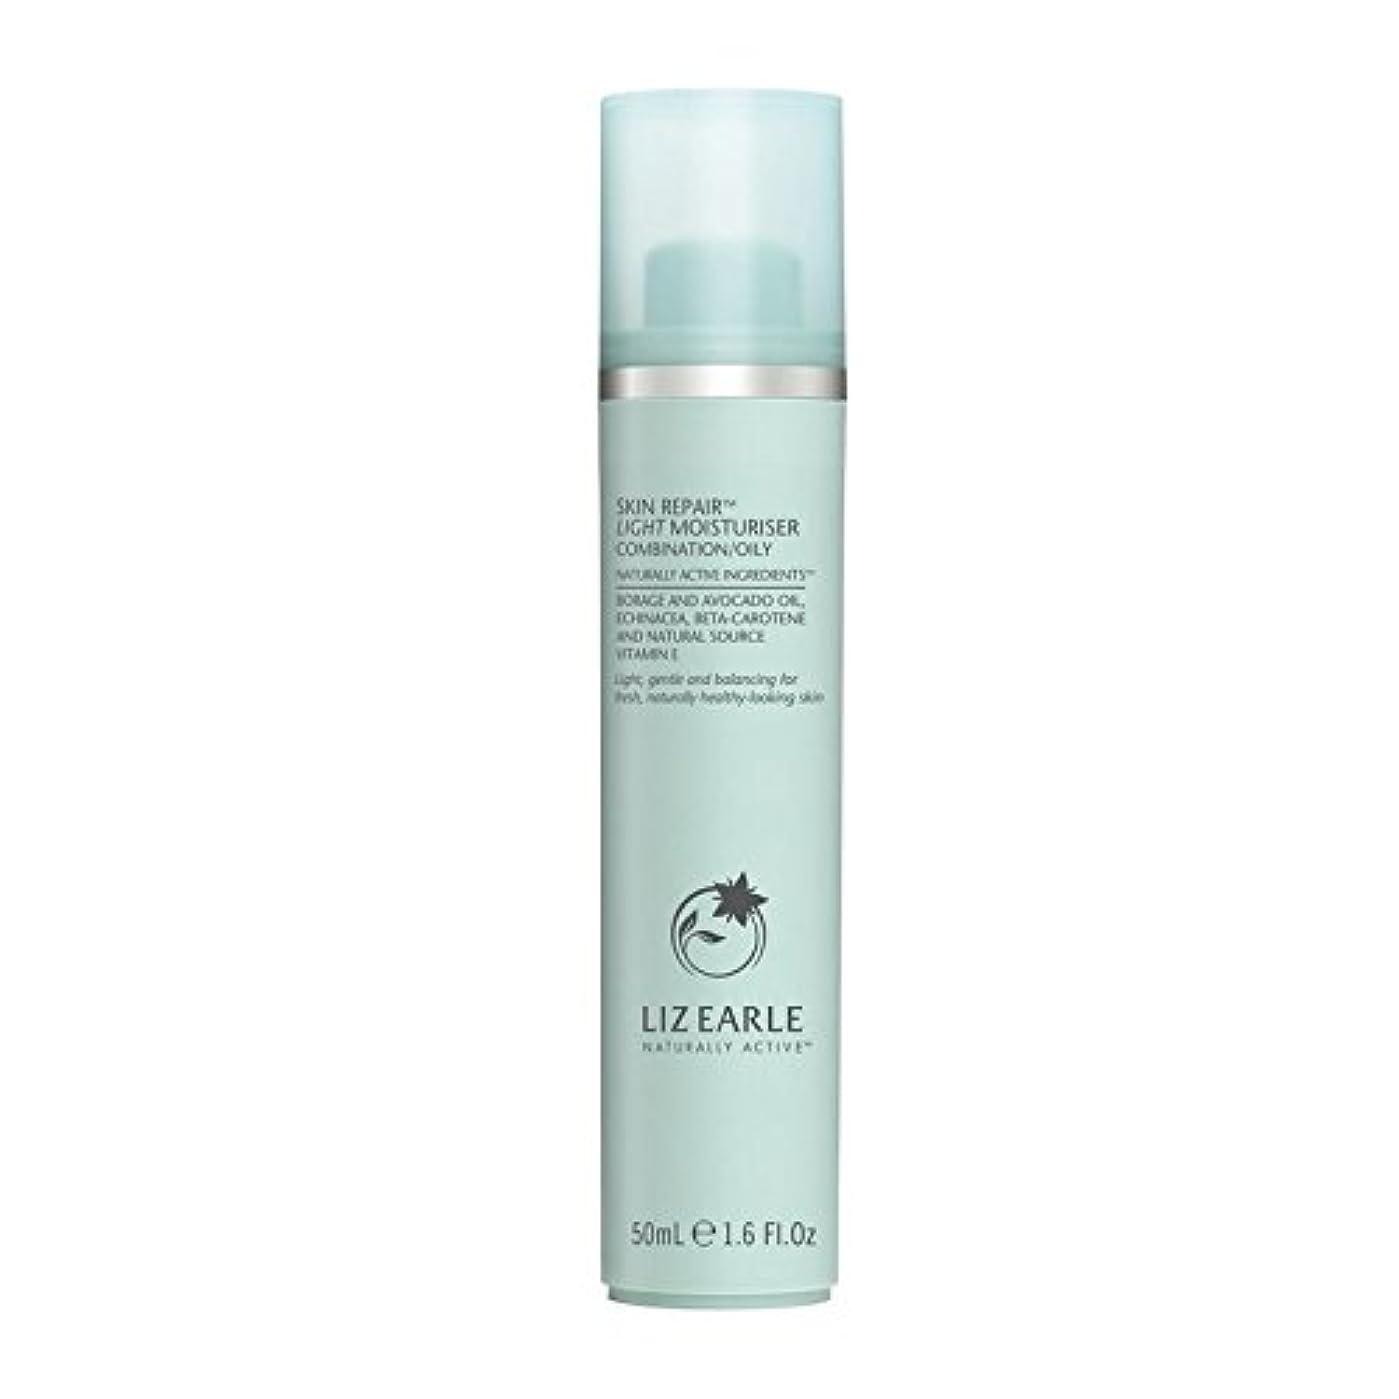 識別する花火明らかリズアールスキンリペア光の保湿剤の組み合わせ/油性50ミリリットル x2 - Liz Earle Skin Repair Light Moisturiser Combination/Oily 50ml (Pack of...